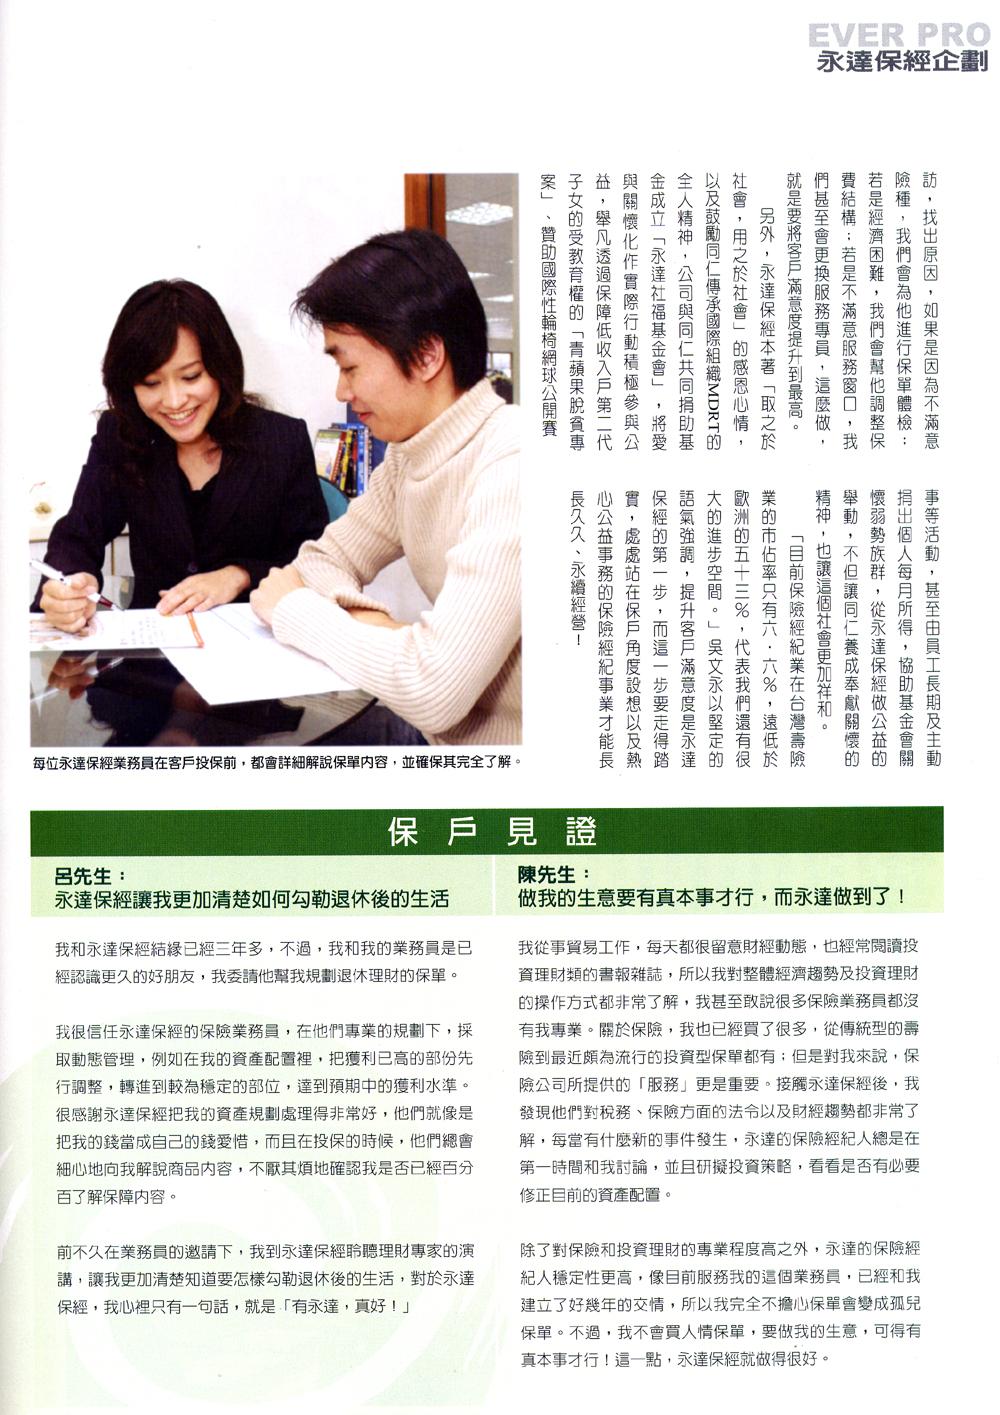 專業服務是保險業的中心信念第三頁報導